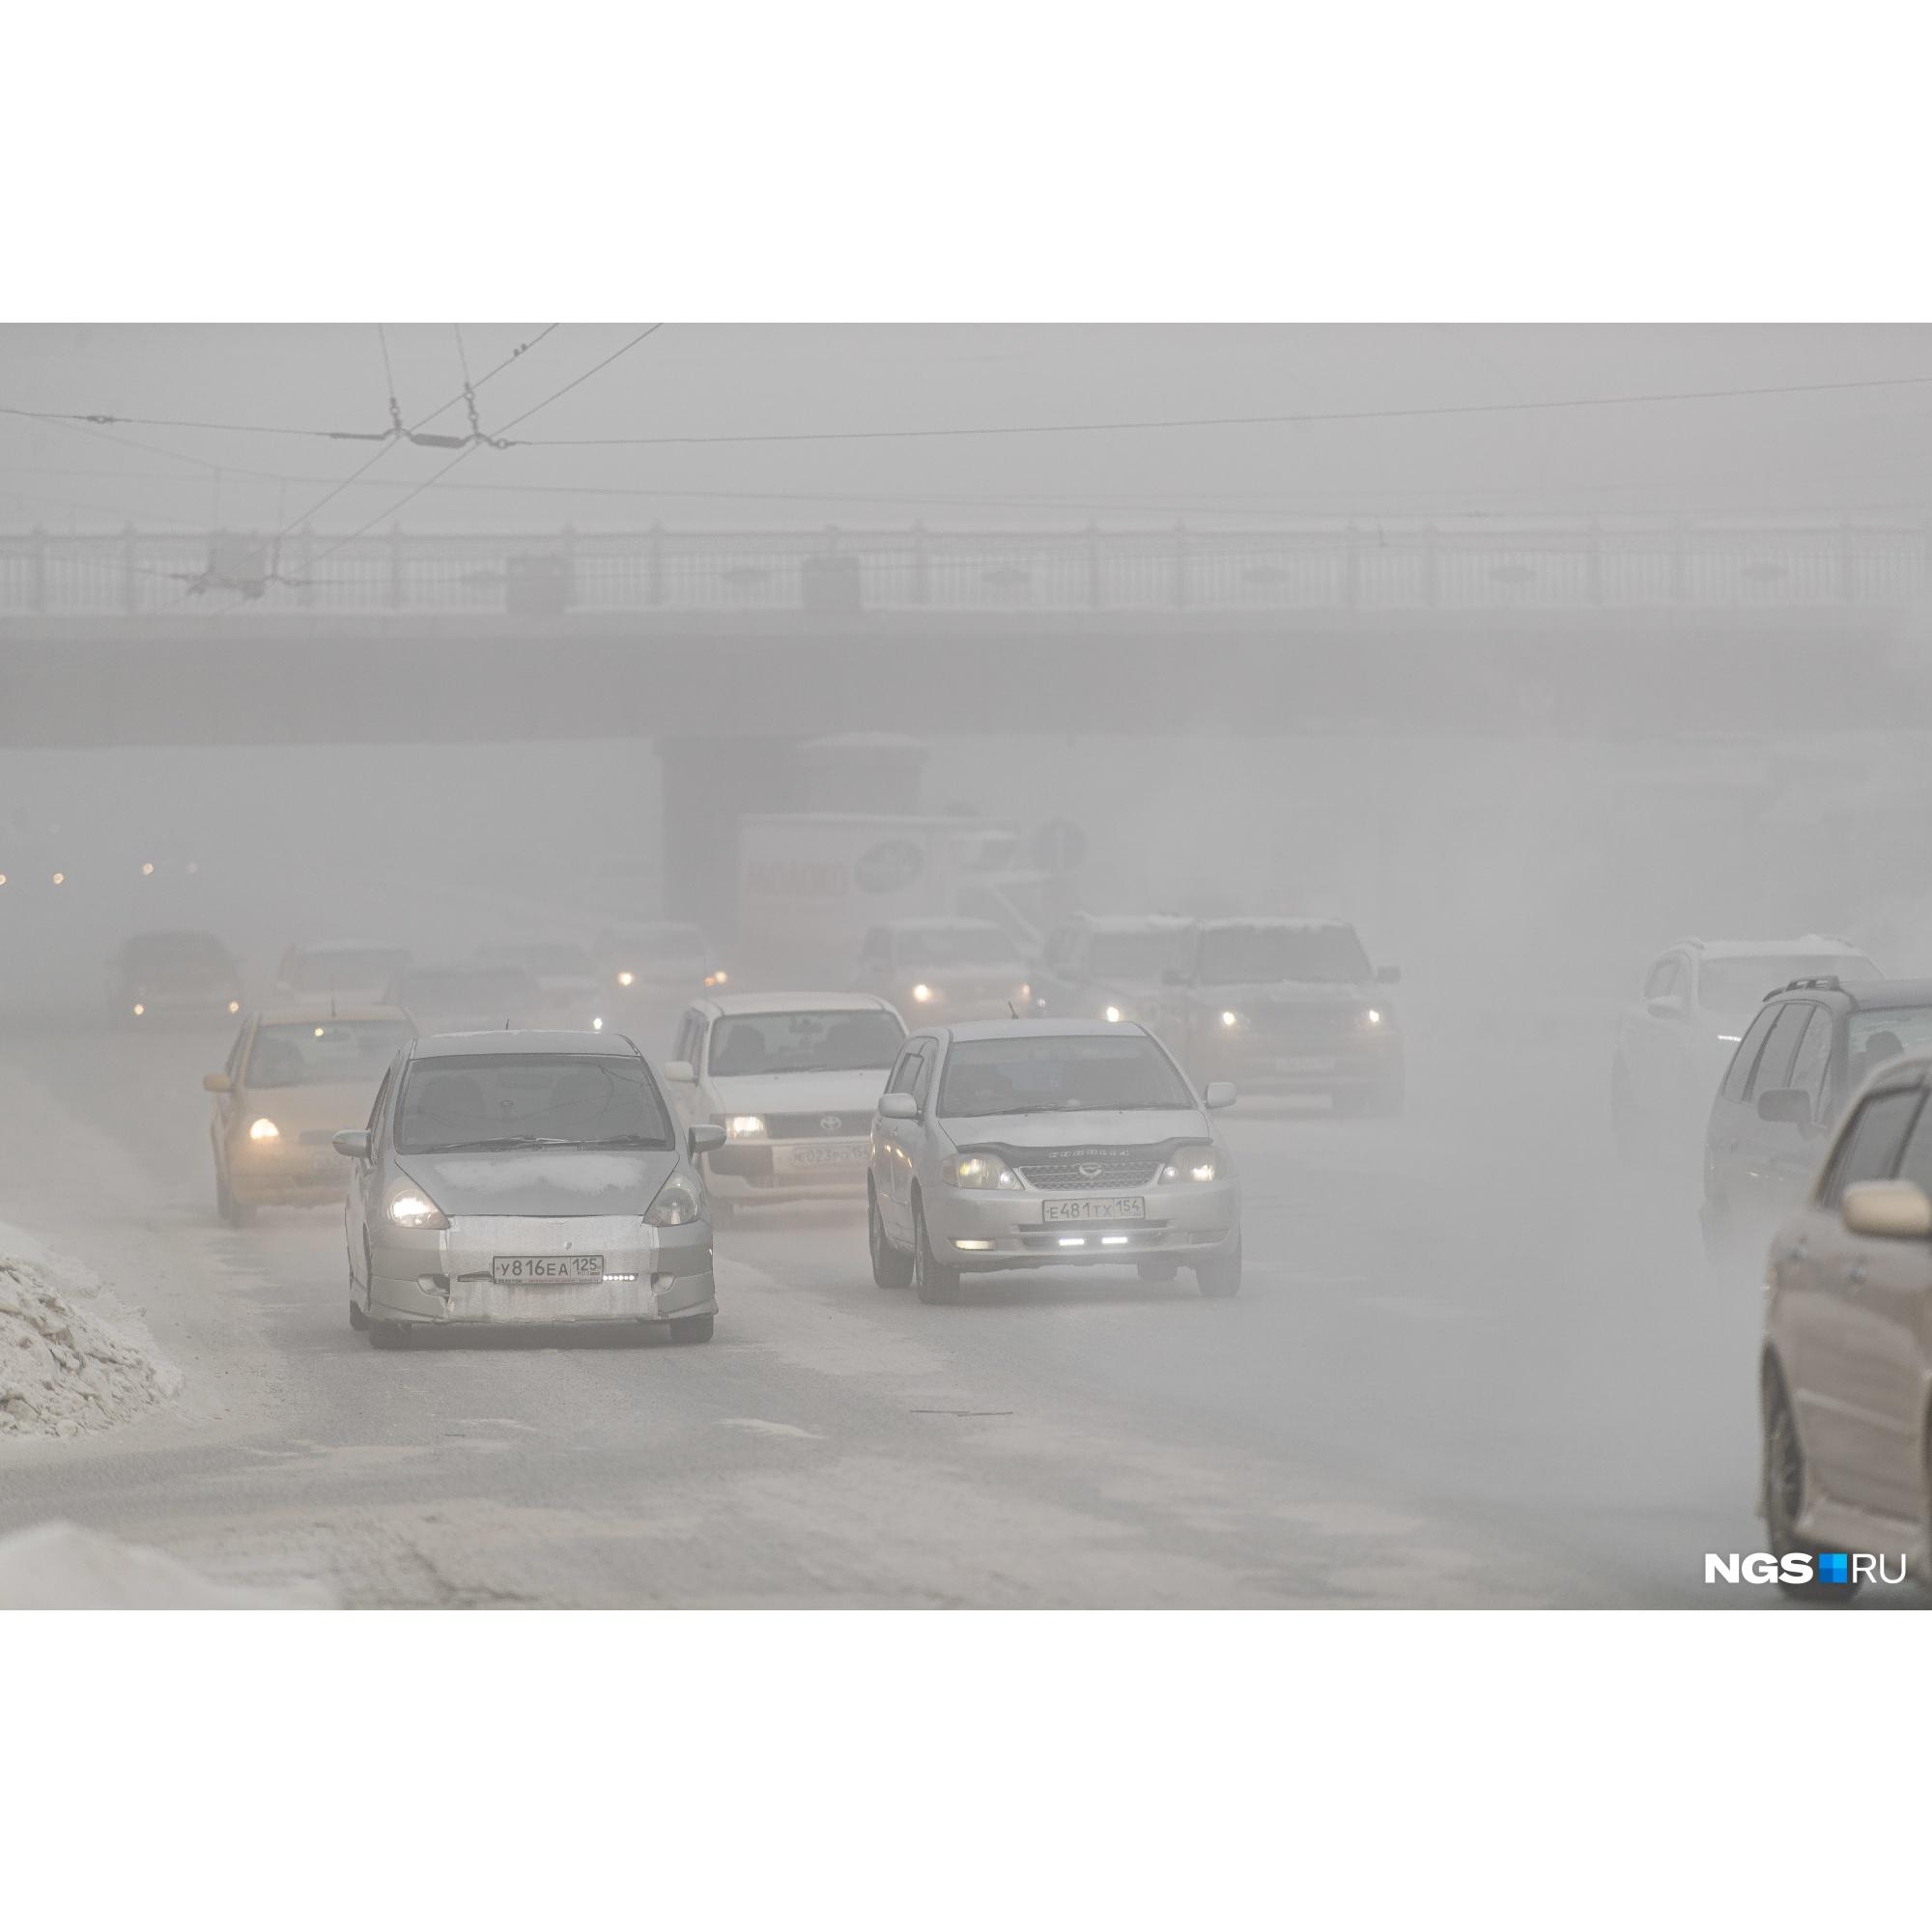 Красный проспект в тумане